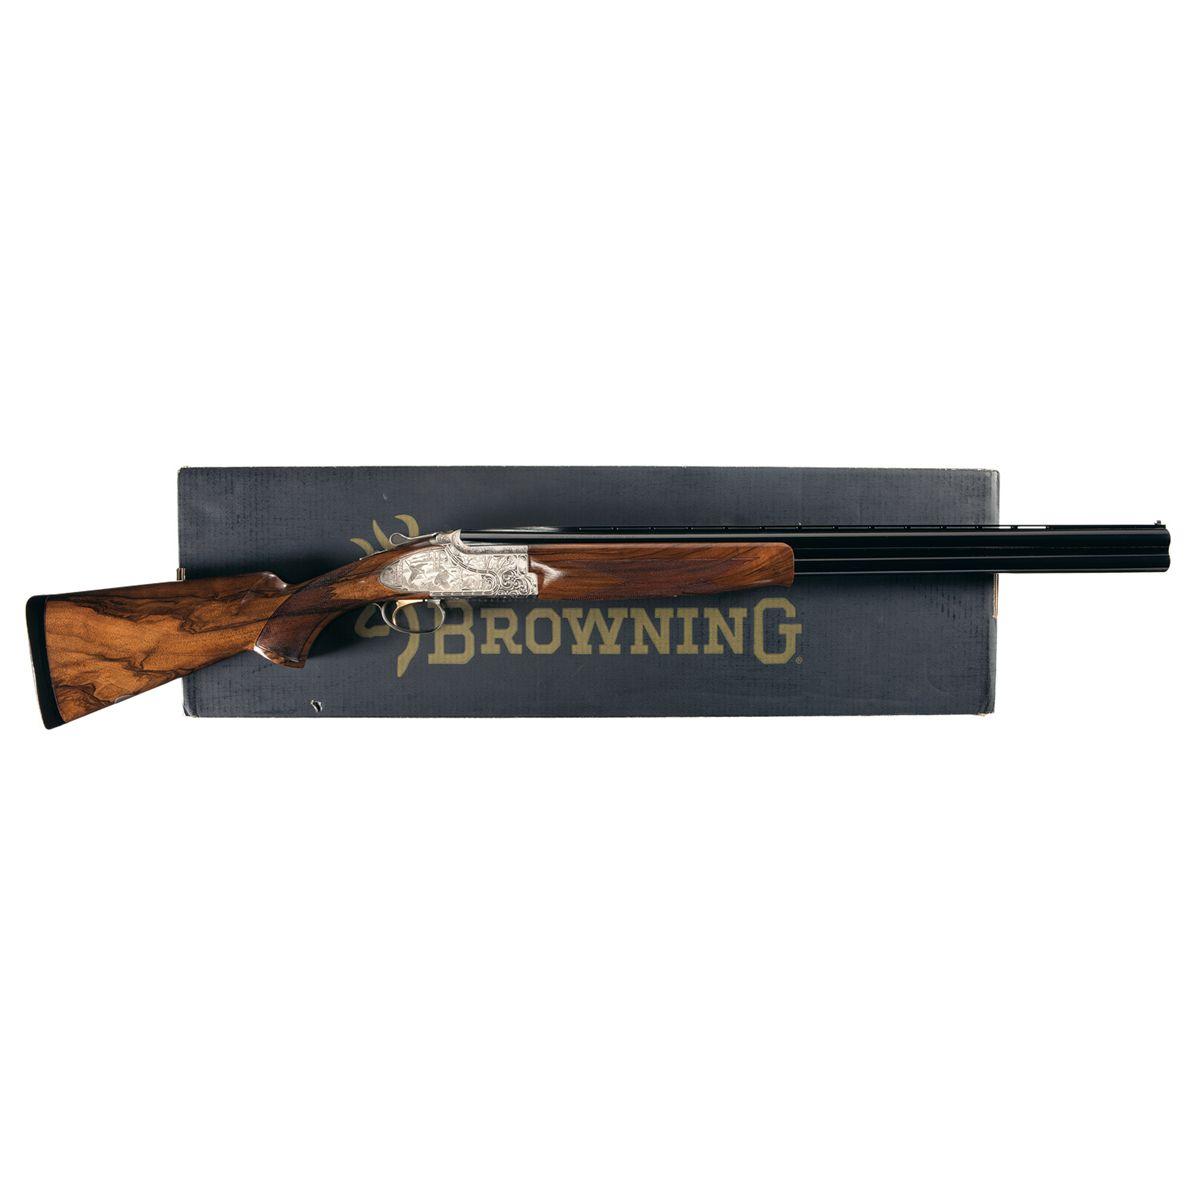 Engraved Browning Citori Privilege Shotgun with Original Box